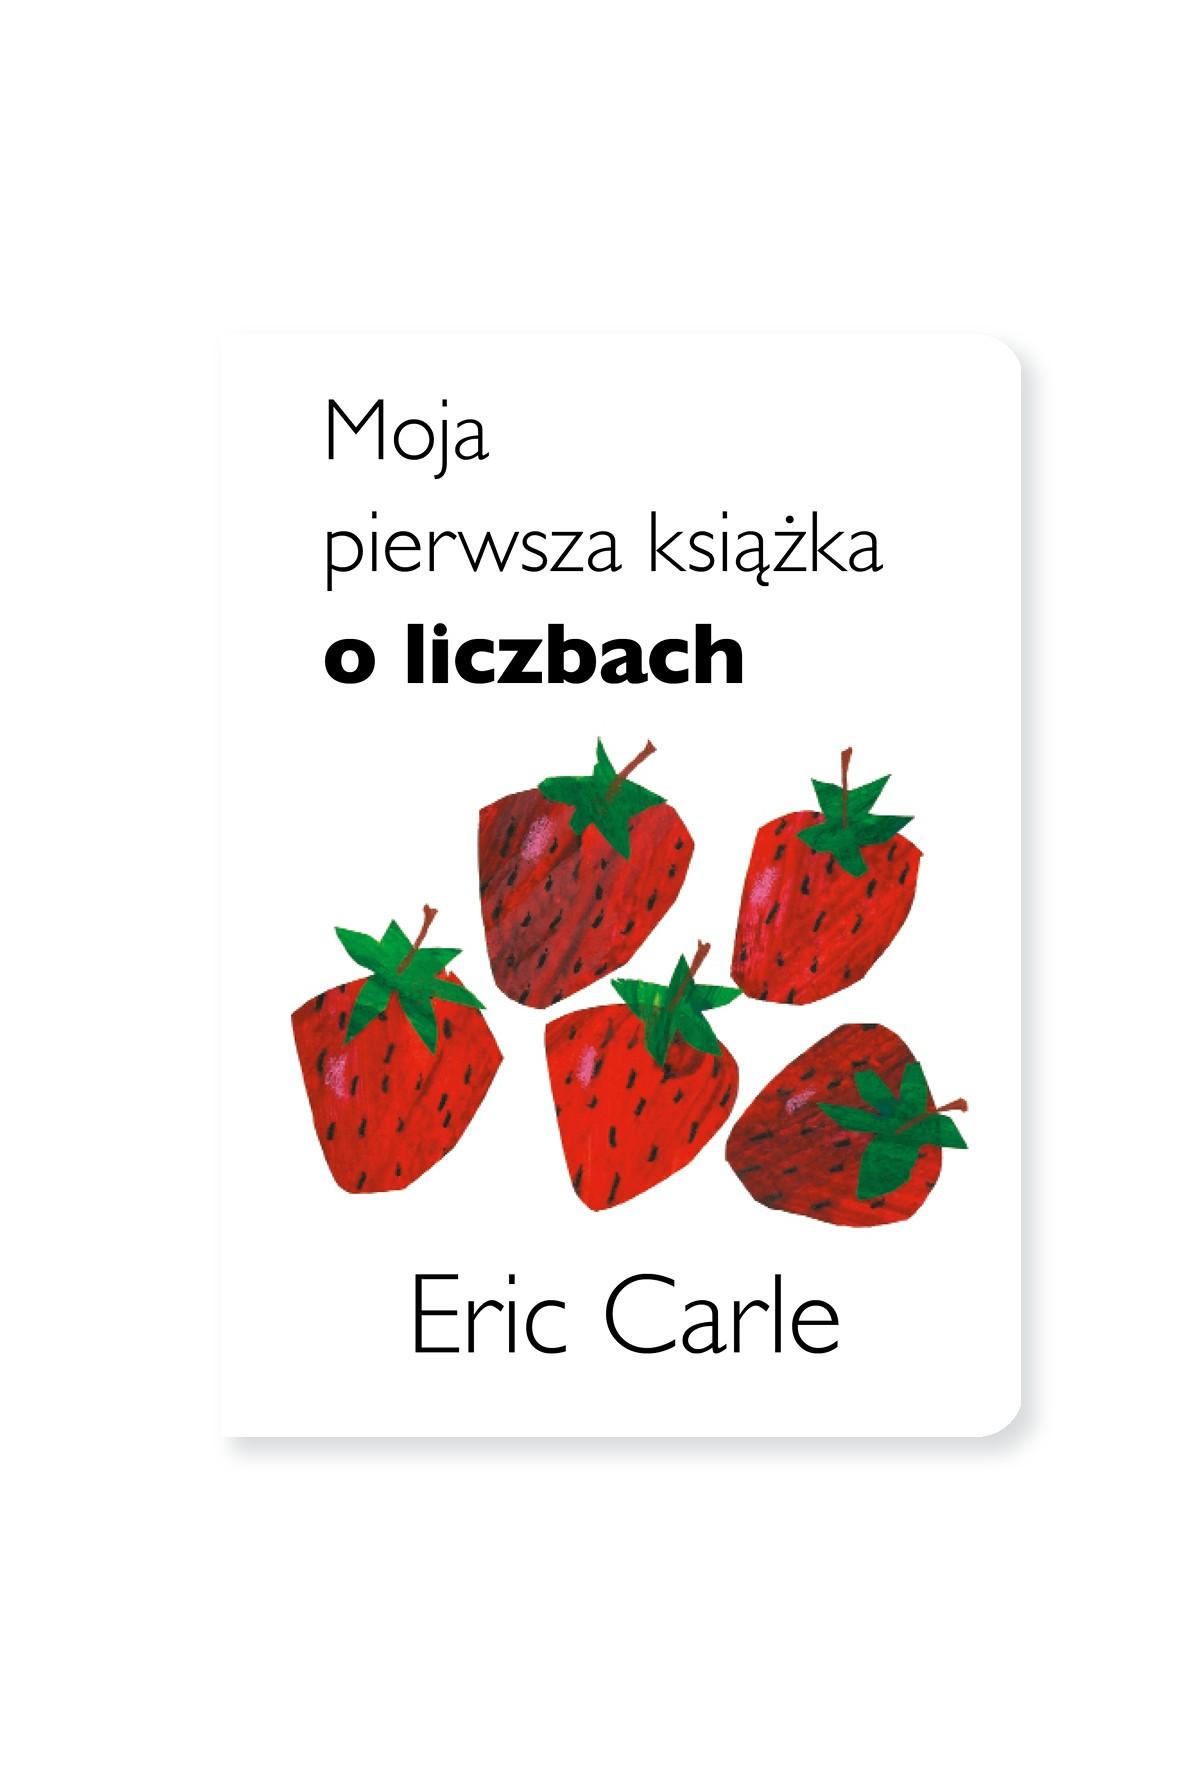 Moja pierwsza książka o liczbach Eric Carle